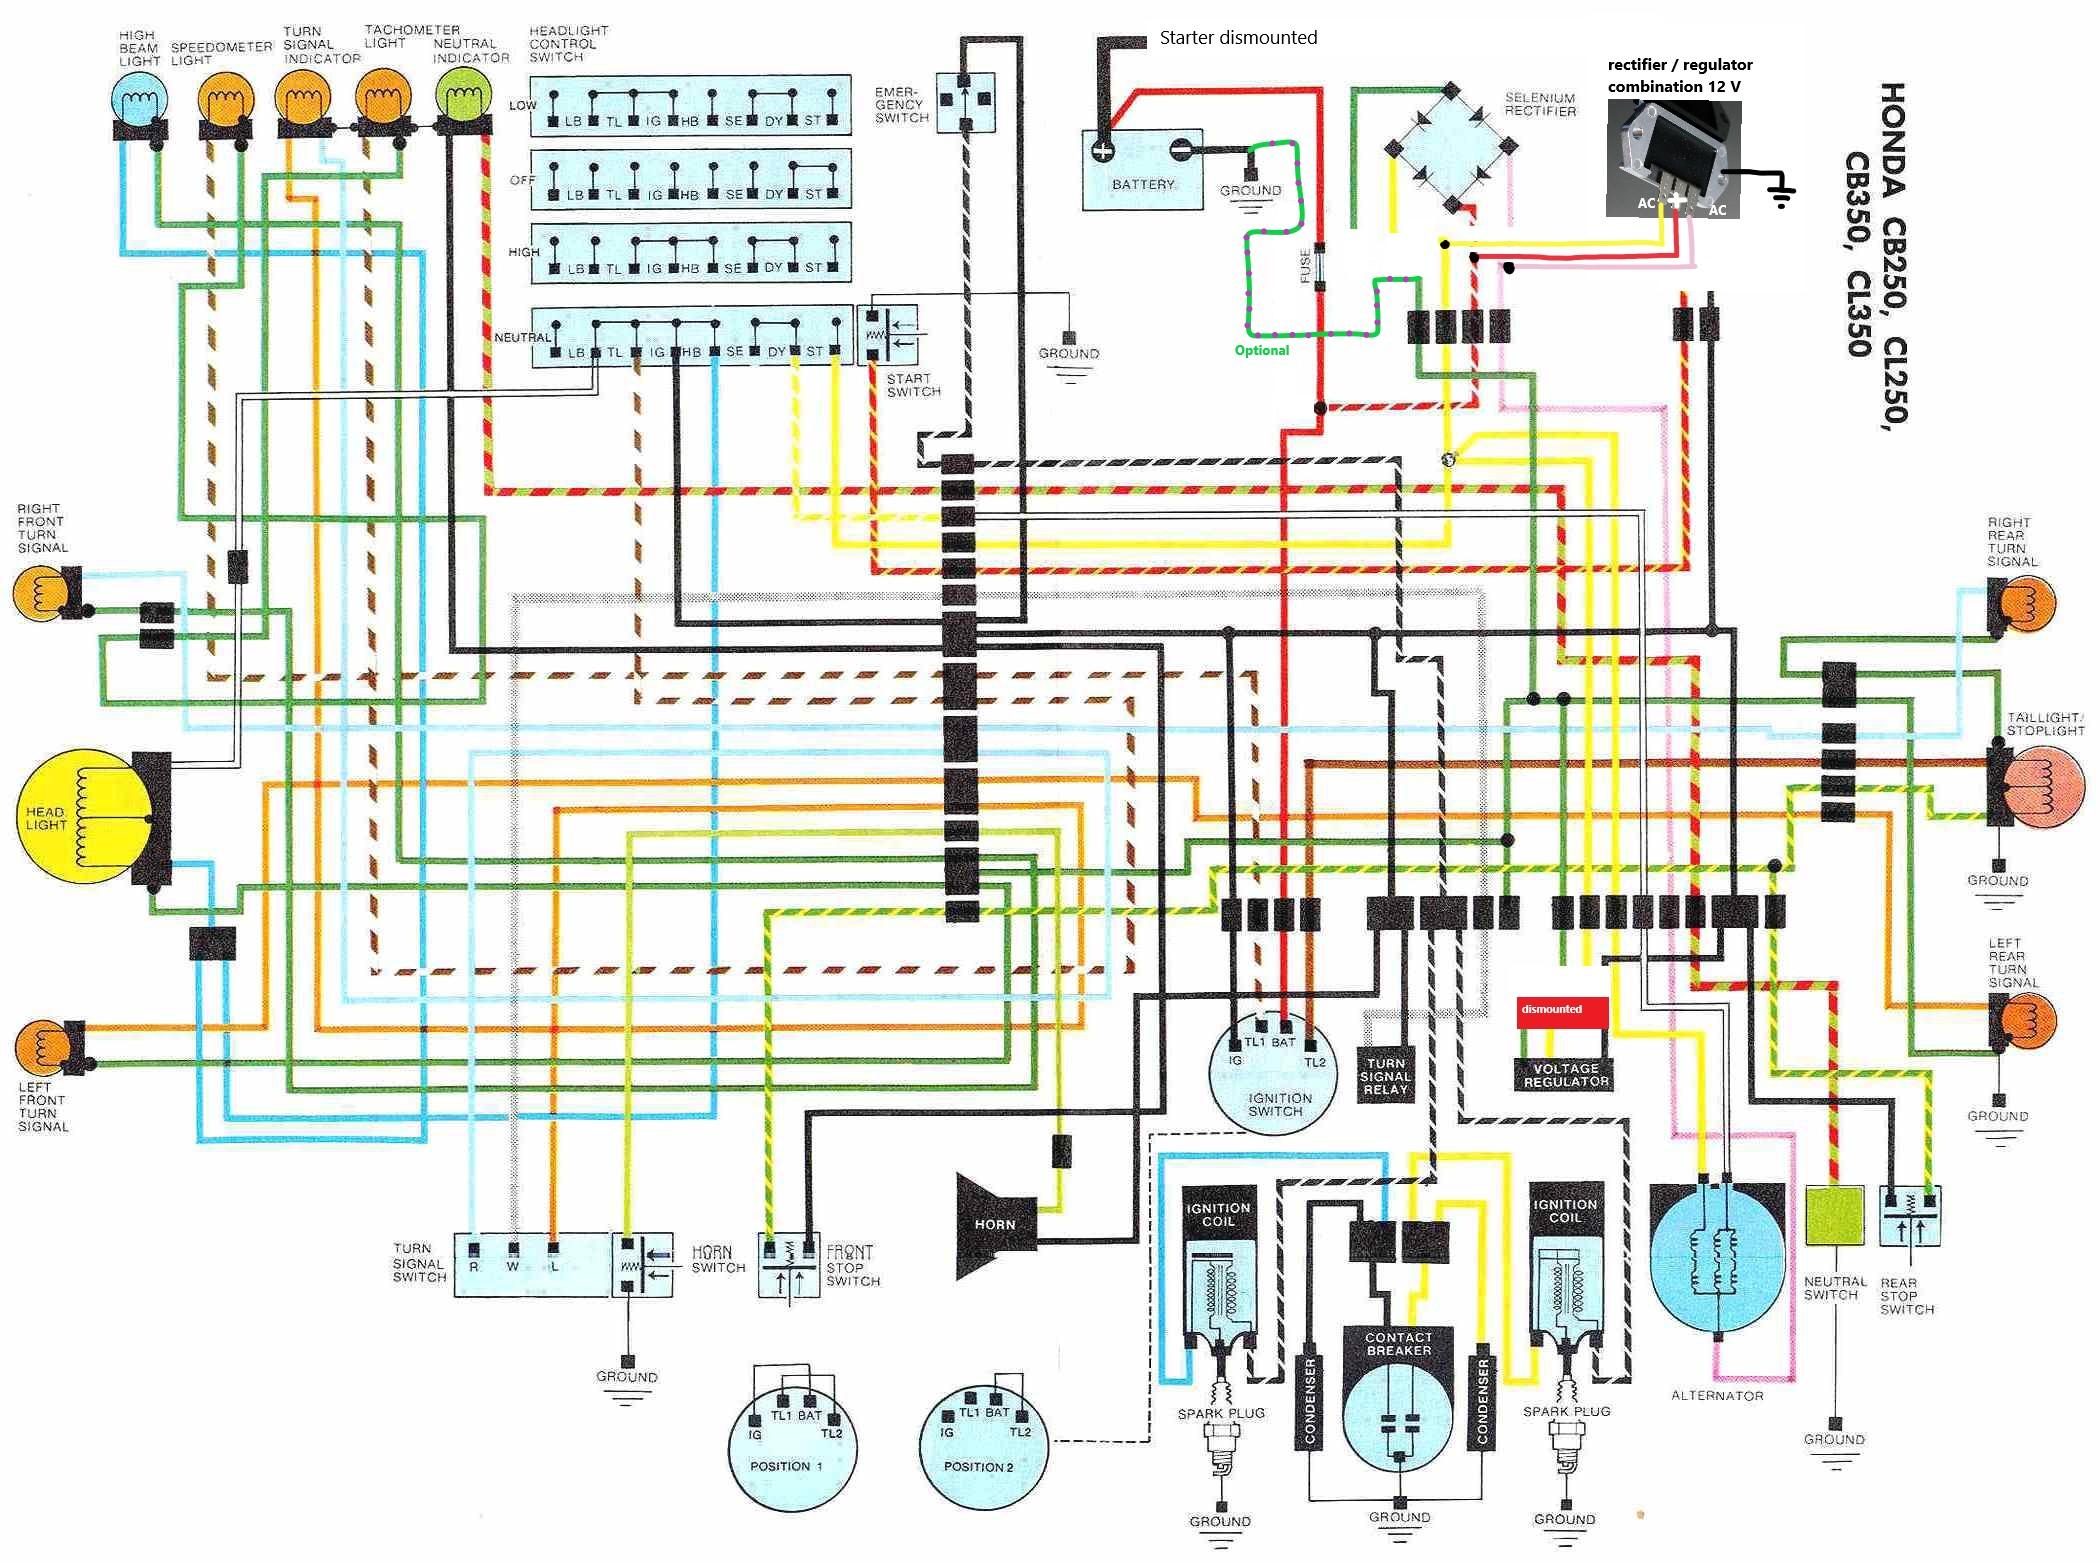 honda sl350 wiring diagram all wiring diagram Gl1000 Wiring Diagram